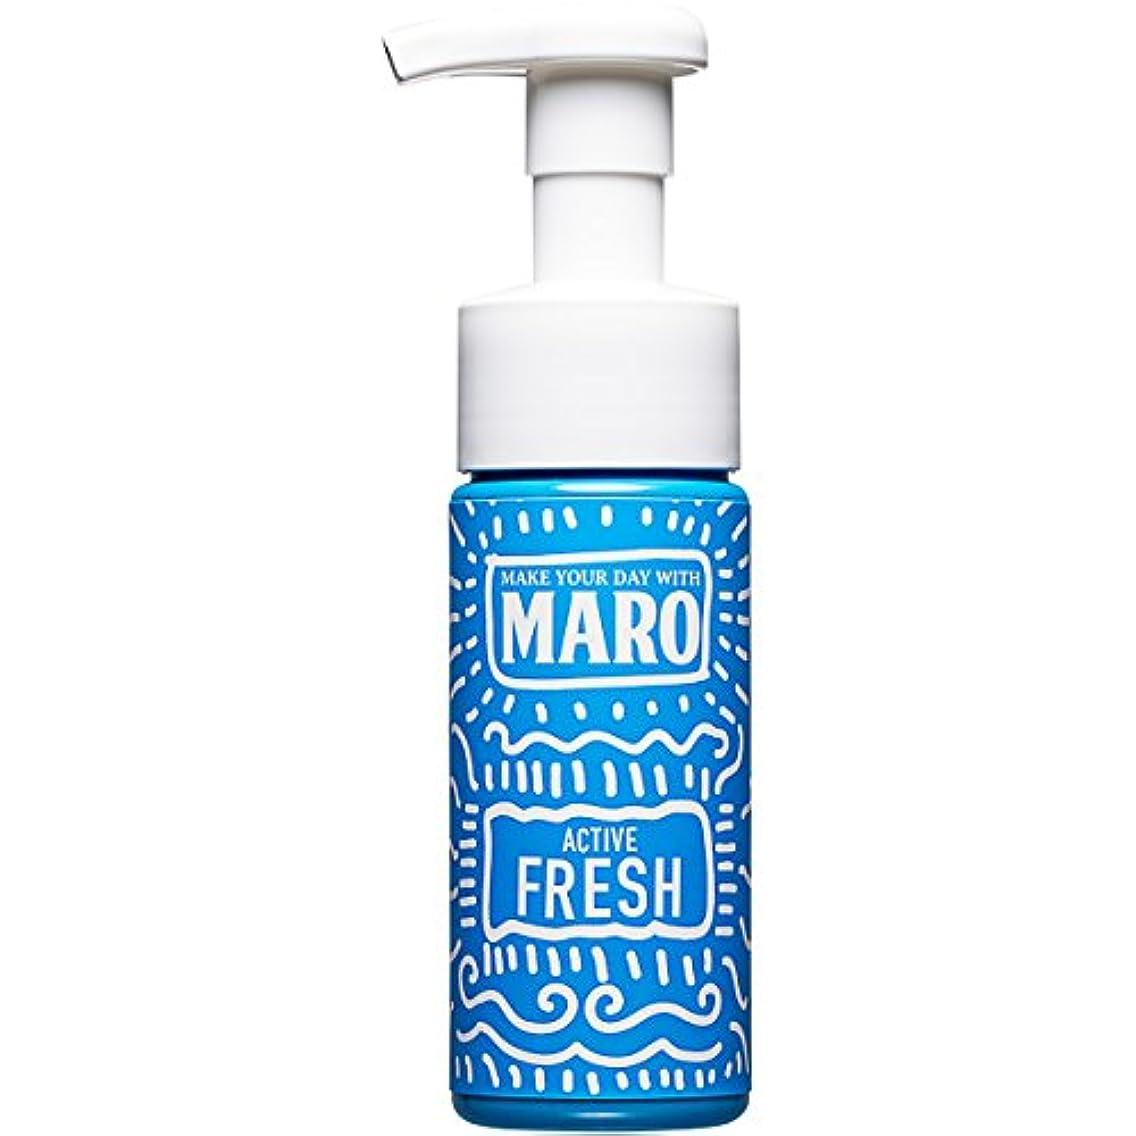 十一典型的なとんでもないMARO グルーヴィー 泡洗顔 アクティブフレッシュ 150ml